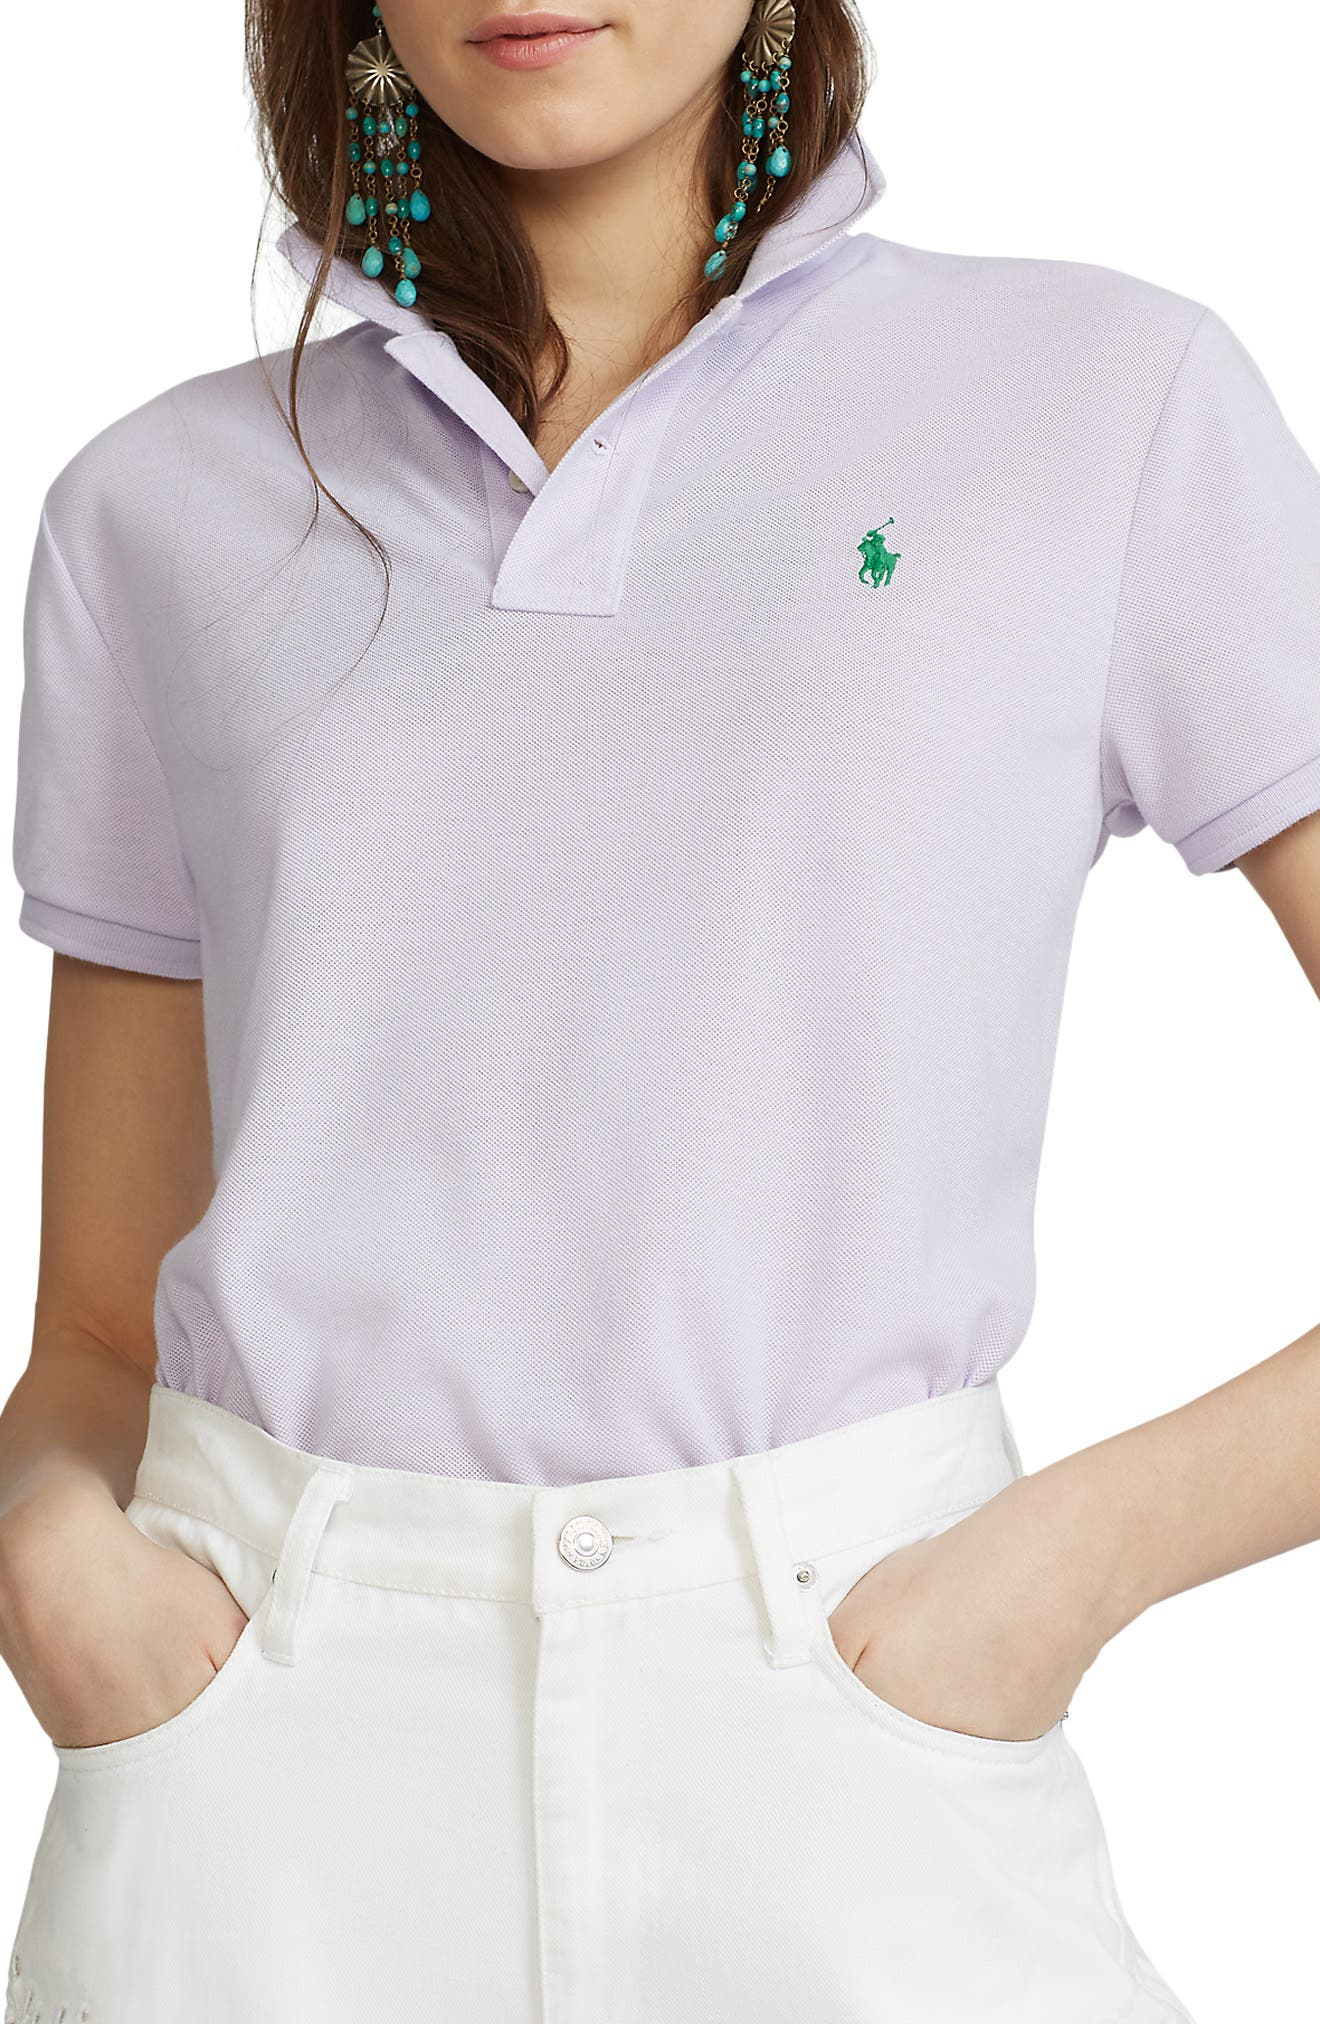 Women's Polo Ralph Lauren Tops | Nordstrom